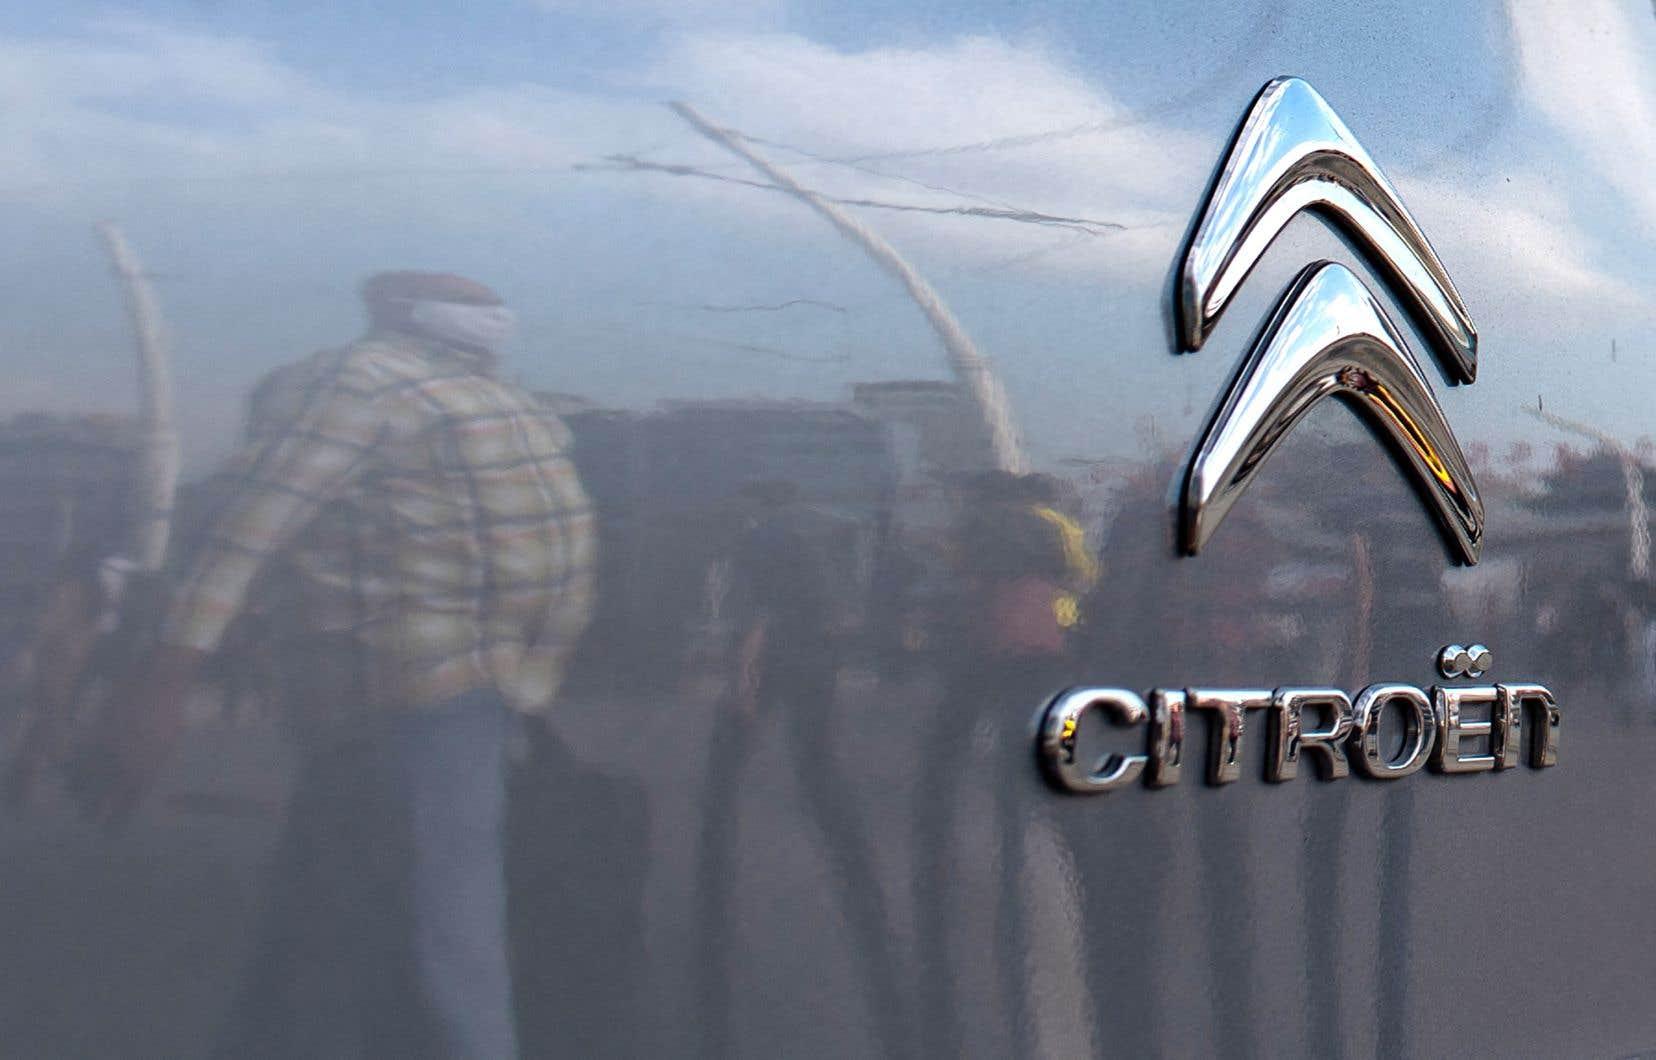 Citroën a été astreint au versement d'un «cautionnement» de 8millions d'euros, dont 6millions pour l'éventuel paiement des dommages et des amendes.